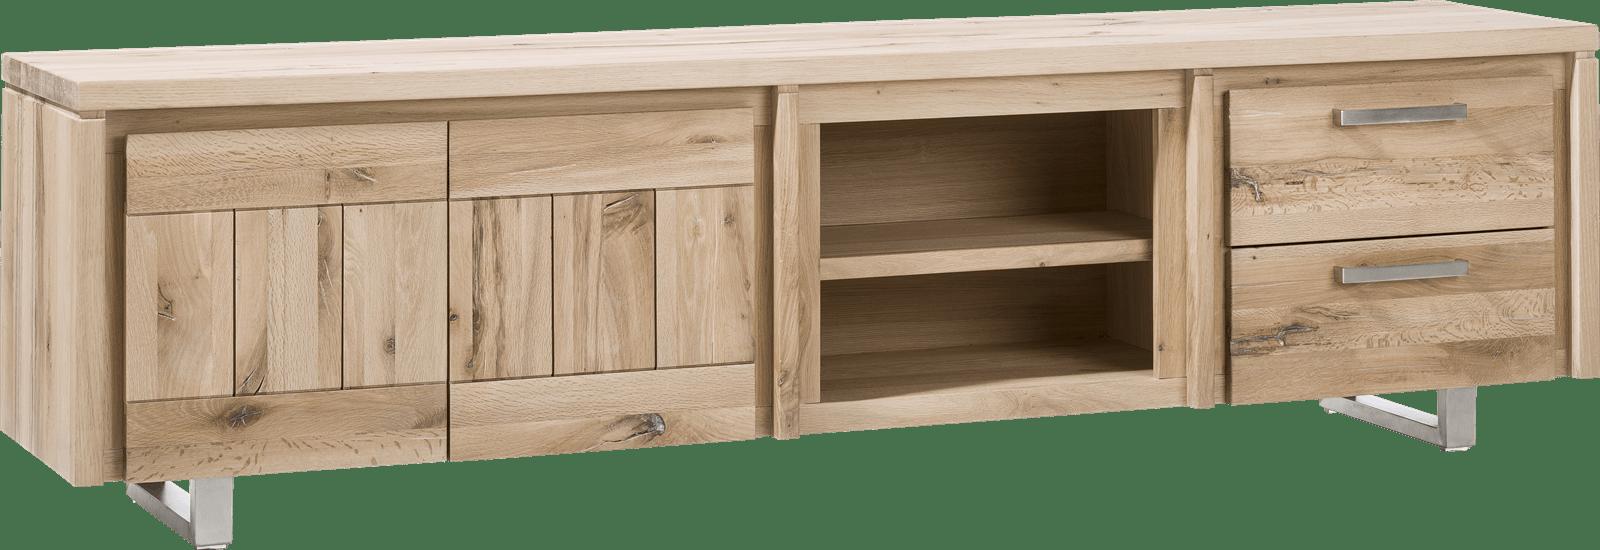 More - lowboard 220 cm - 2-deuren + 2-laden + 2-niches - rvs